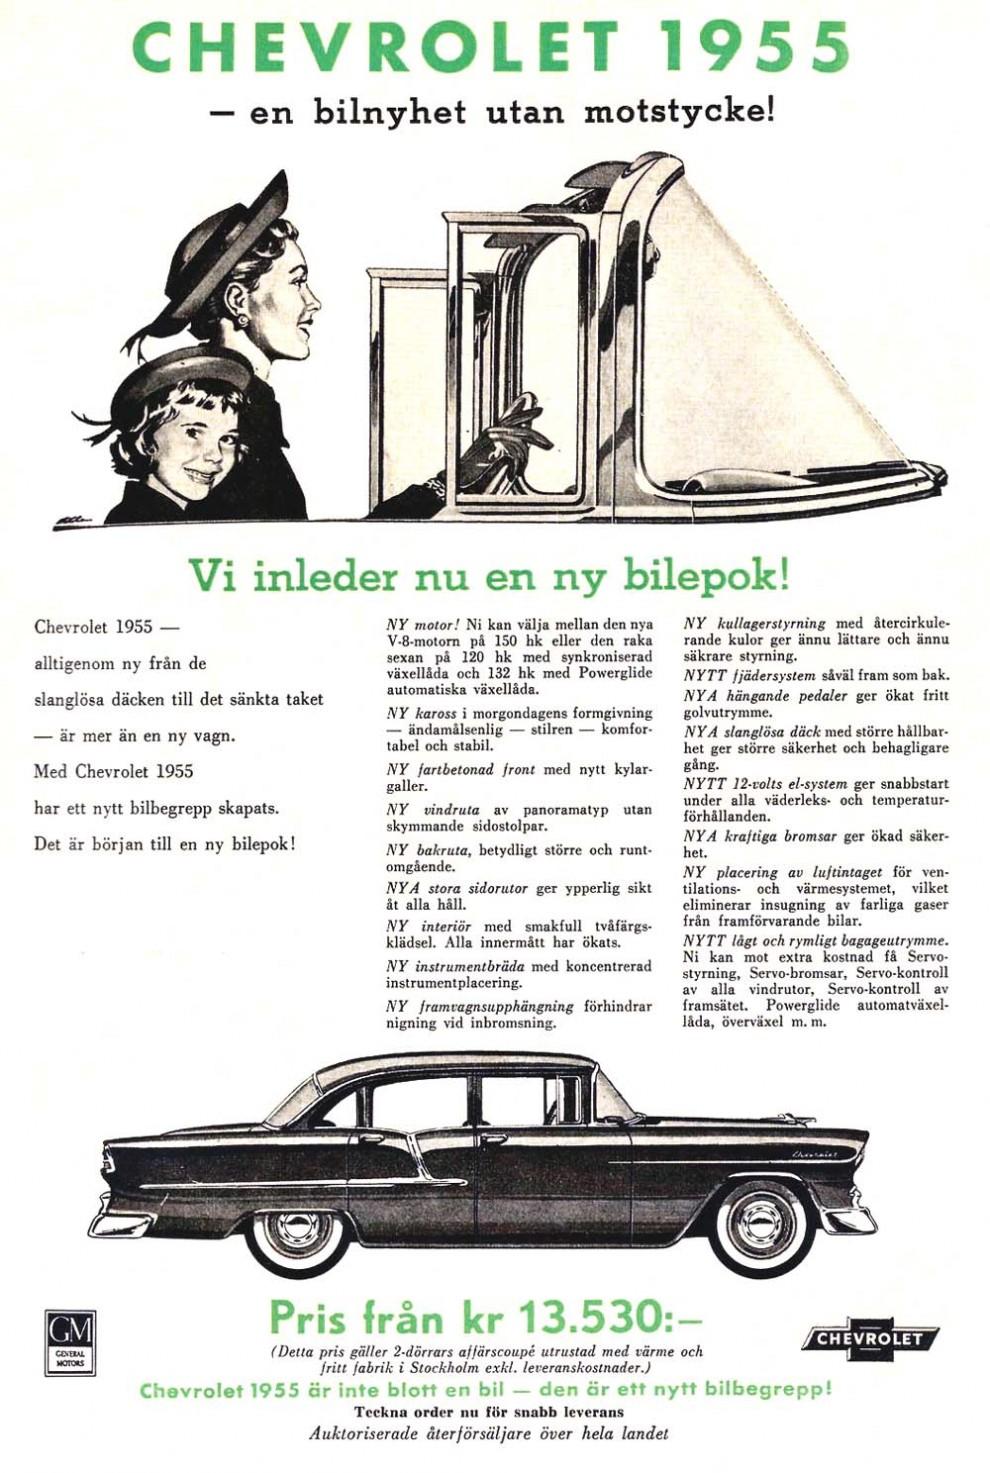 Chevrolet 1955, storsäljare i sammanhanget, 2330 stycken såldes i Sverige